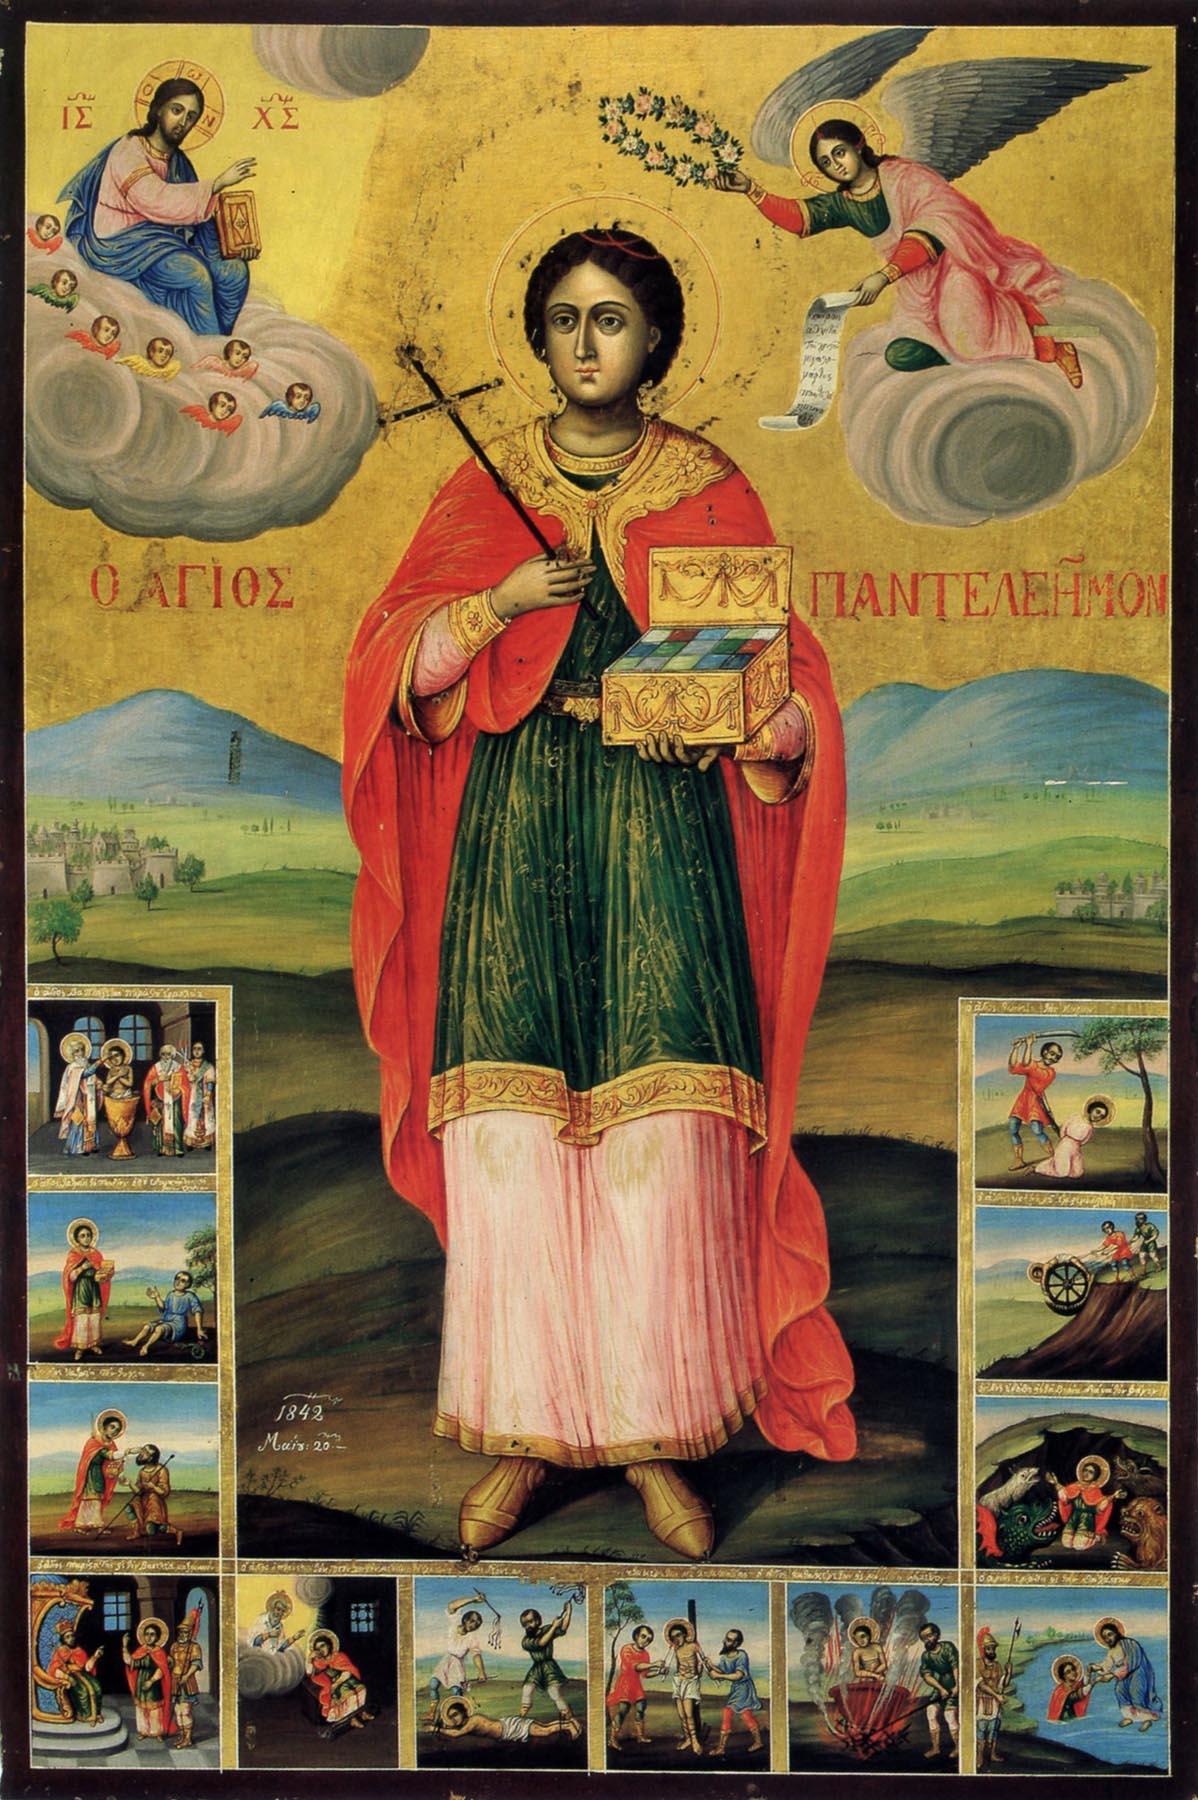 Великомученик Пантелеимон. Икона с житием, 1842 года. Болгария. Иконописец - Николай Сотириади из Константинополя